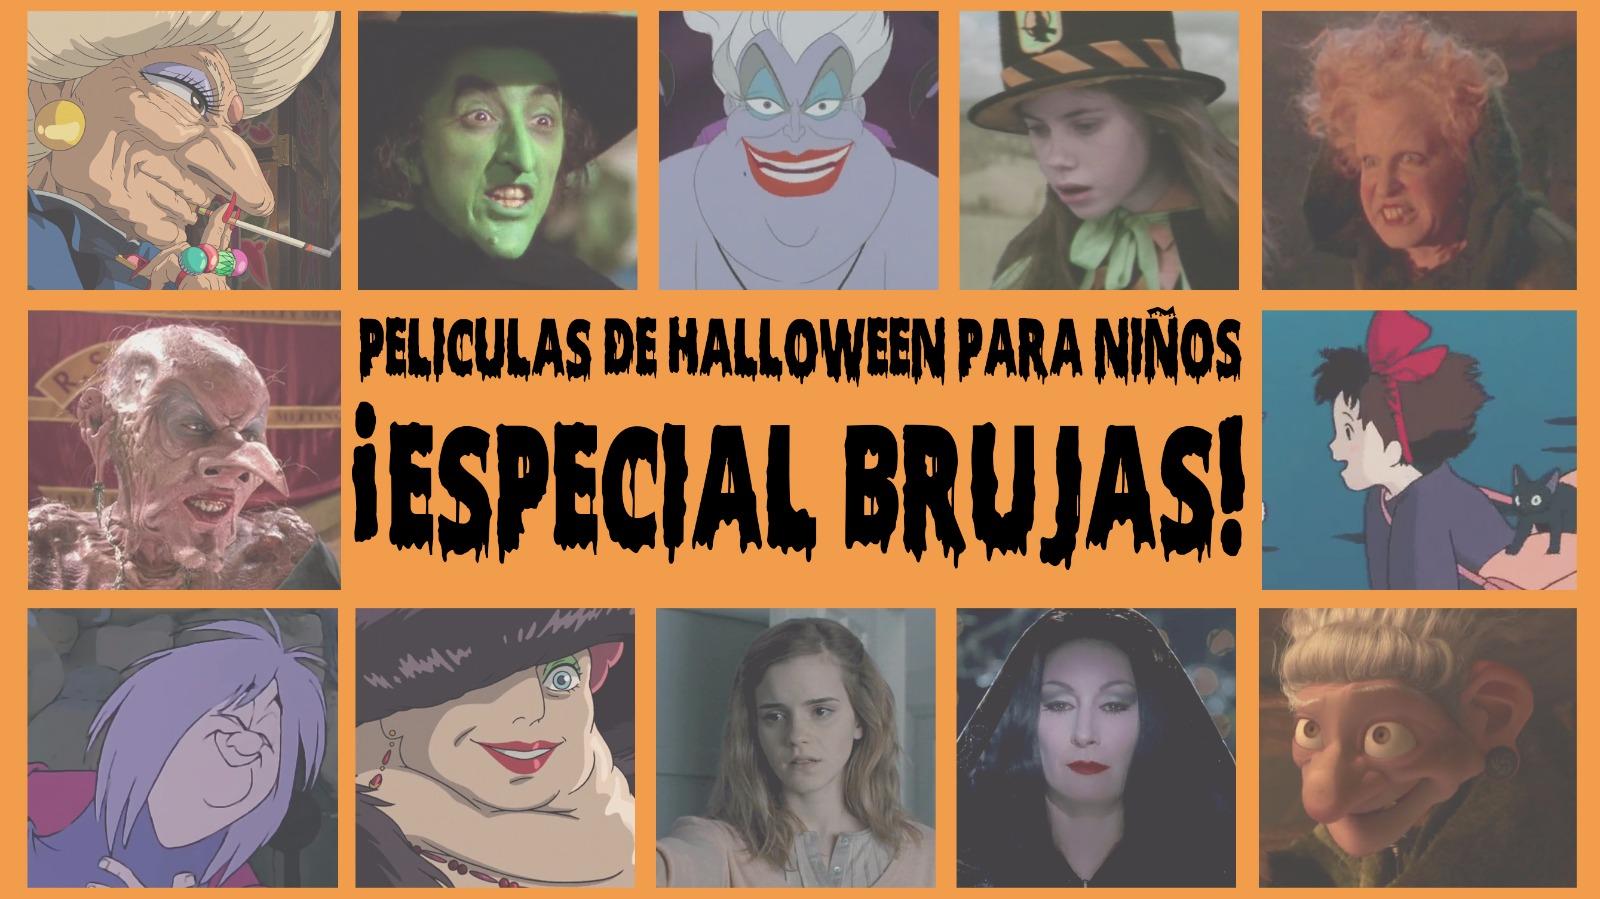 películas de Halloween para niños con brujas